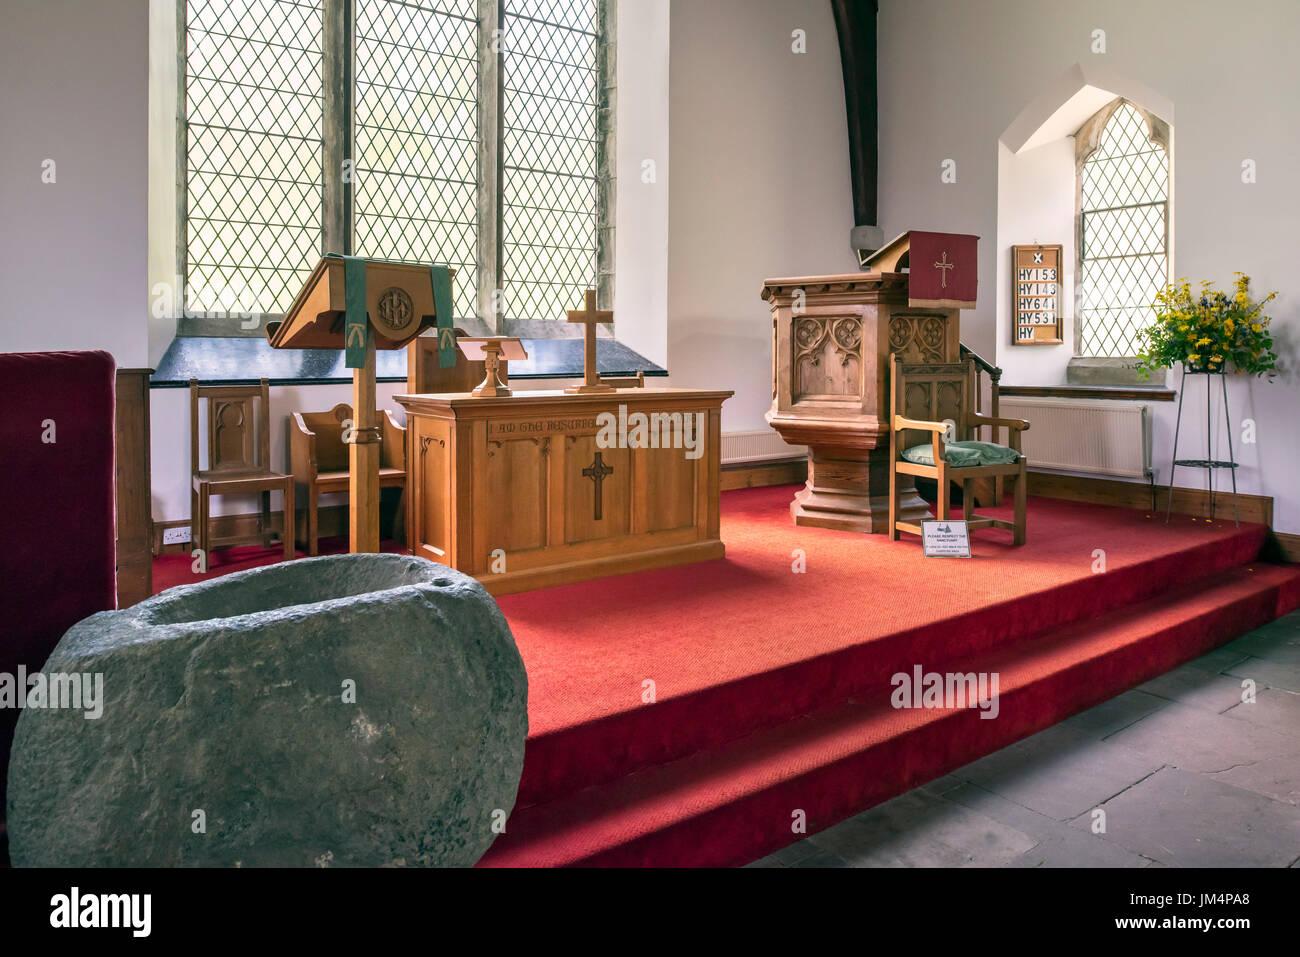 Interno che mostra la pietra fonte battesimale, altare e pulpito in legno del Balquhidder Chiesa Parrocchiale, Stirling, Scozia, Regno Unito Immagini Stock